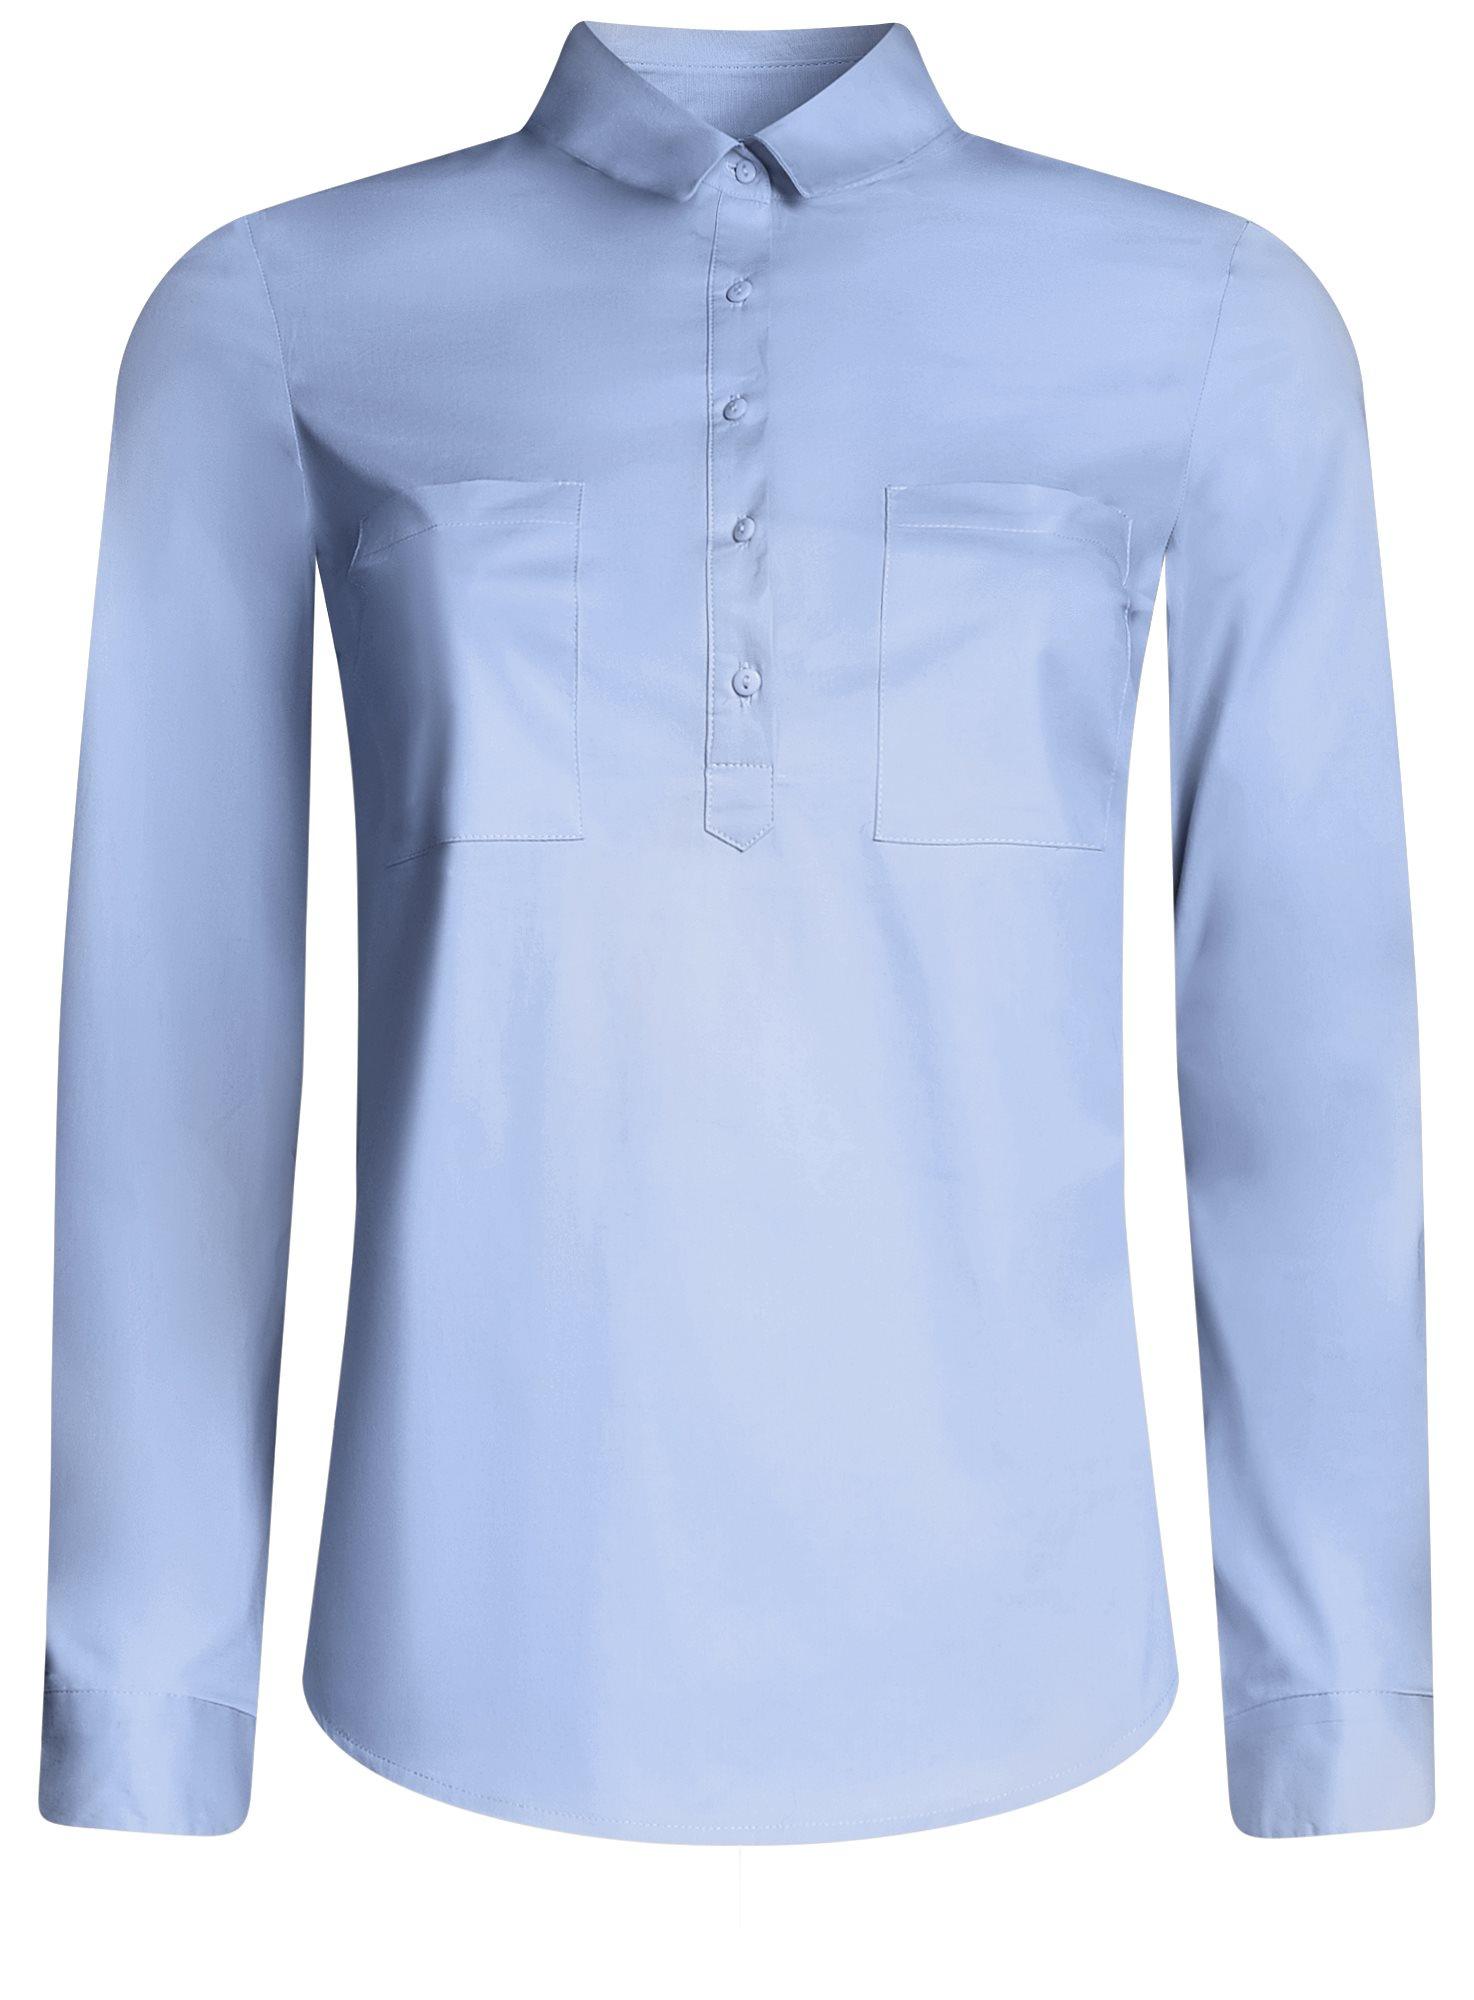 Рубашка базовая с нагрудными карманами oodji для женщины (синий), 11403222B/42468/7000N